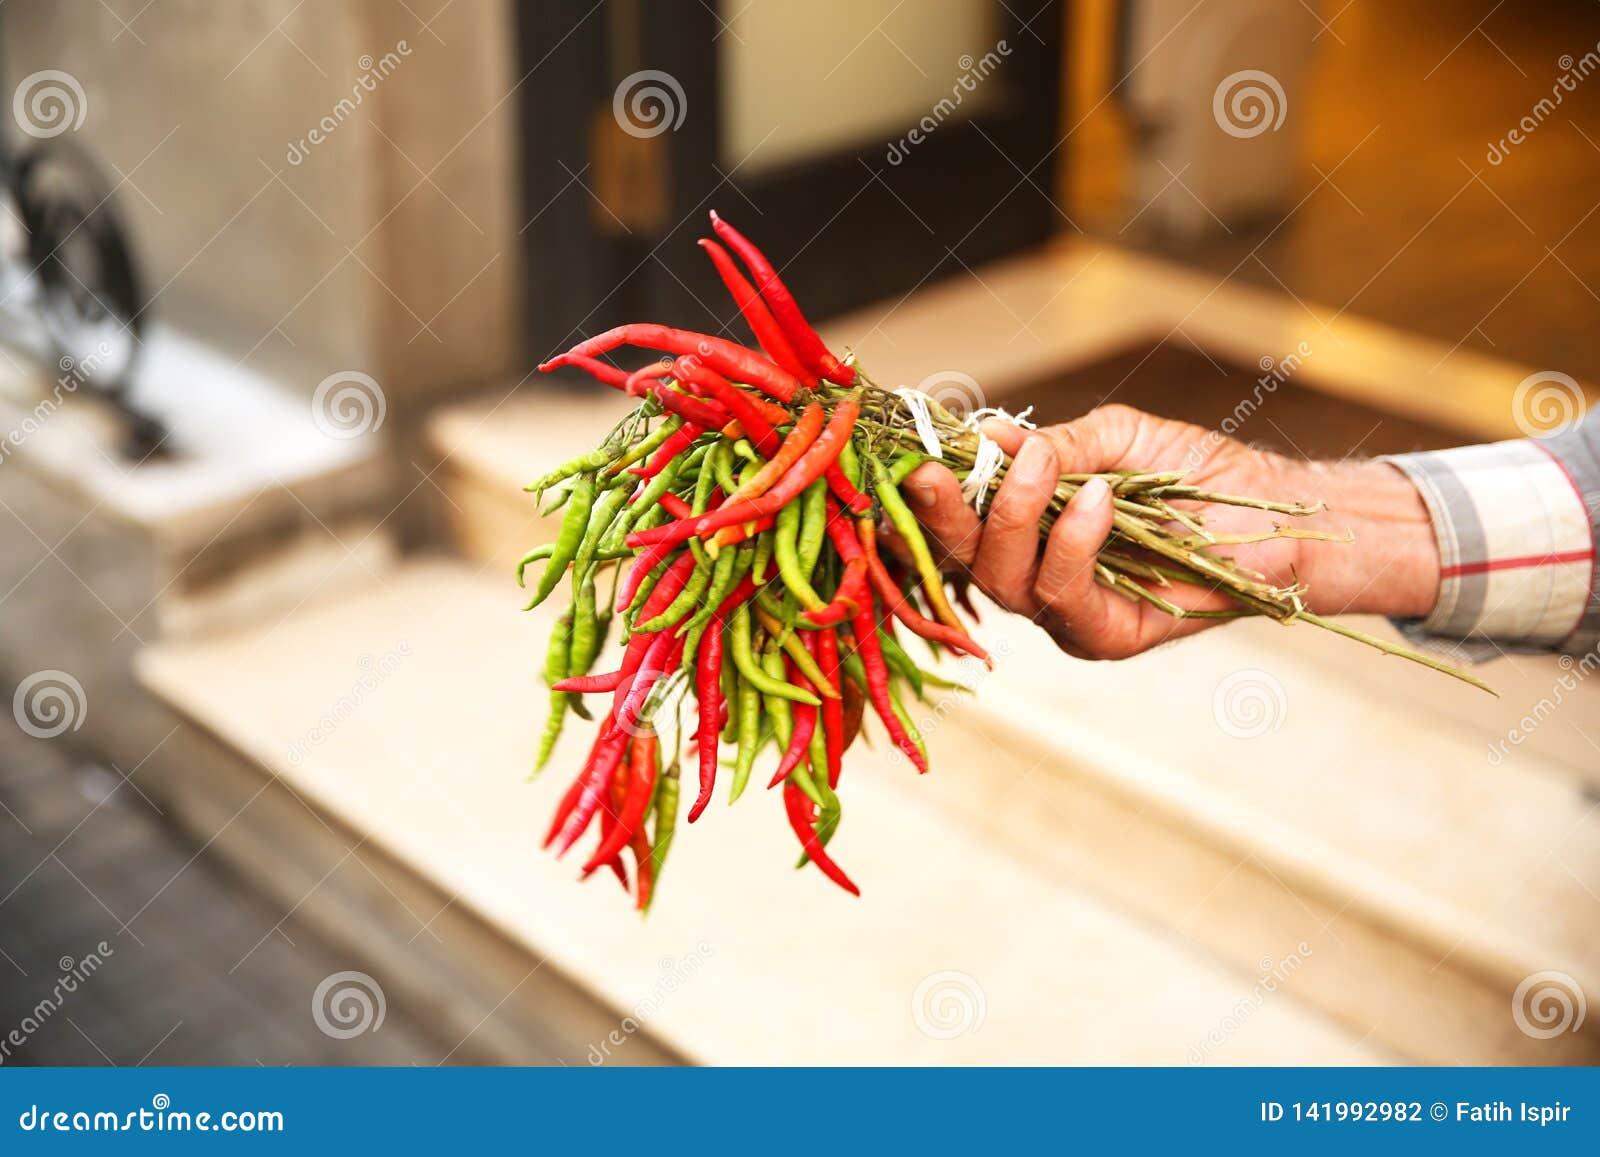 Chili Pepper Seller in Istanbul Beyoglu